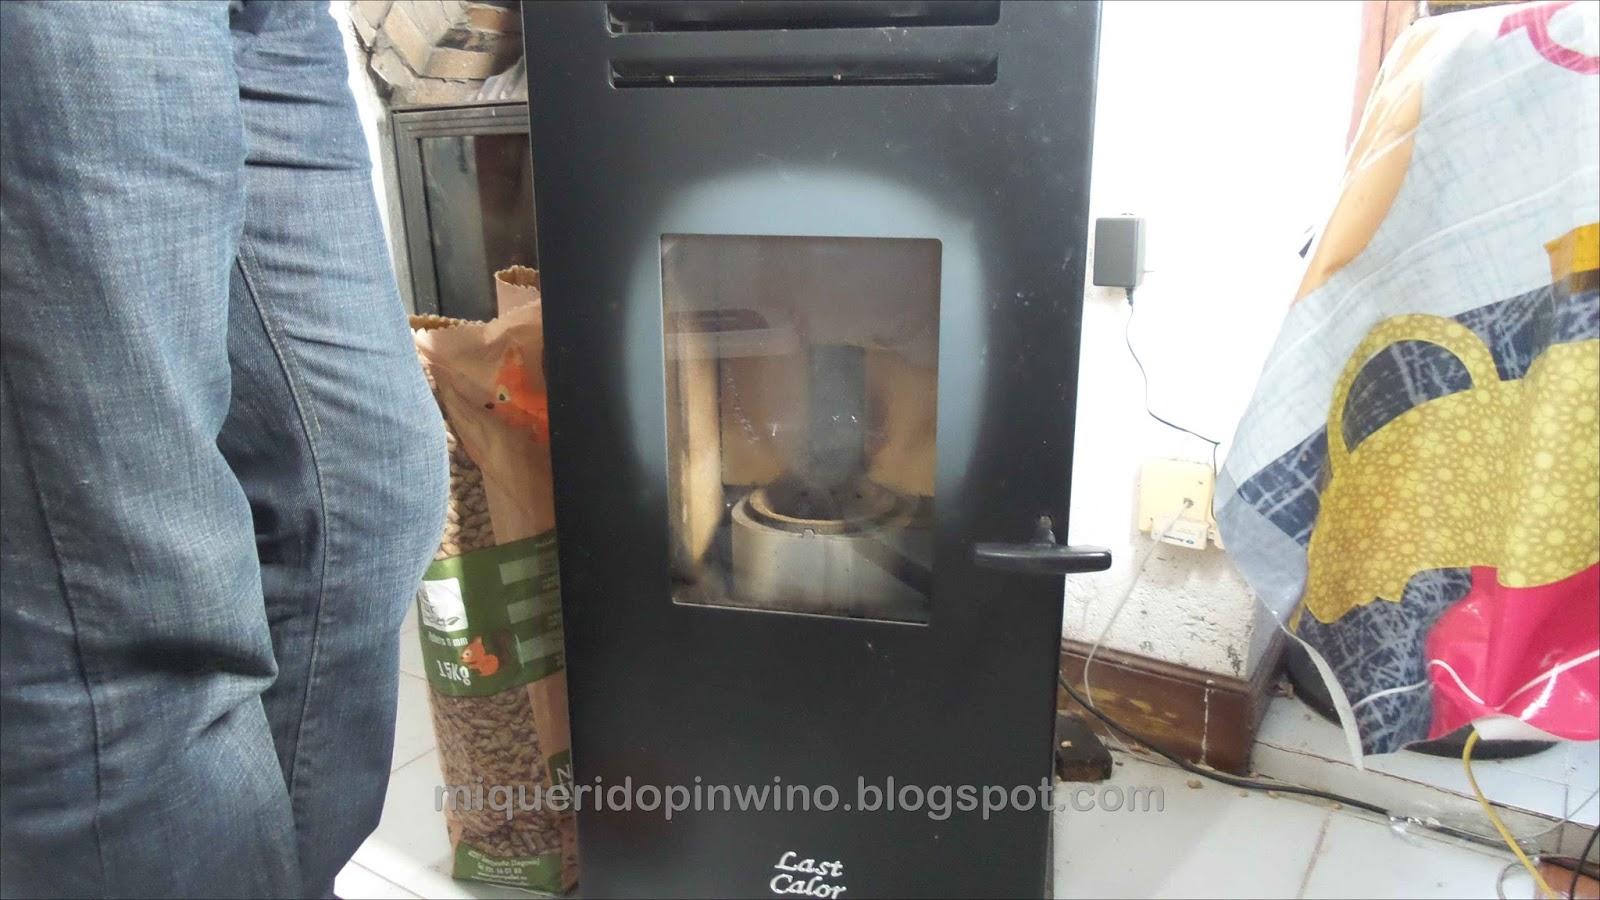 Tecnolog a para un progreso sostenible limpieza a fondo - Instalar una estufa de pellets ...